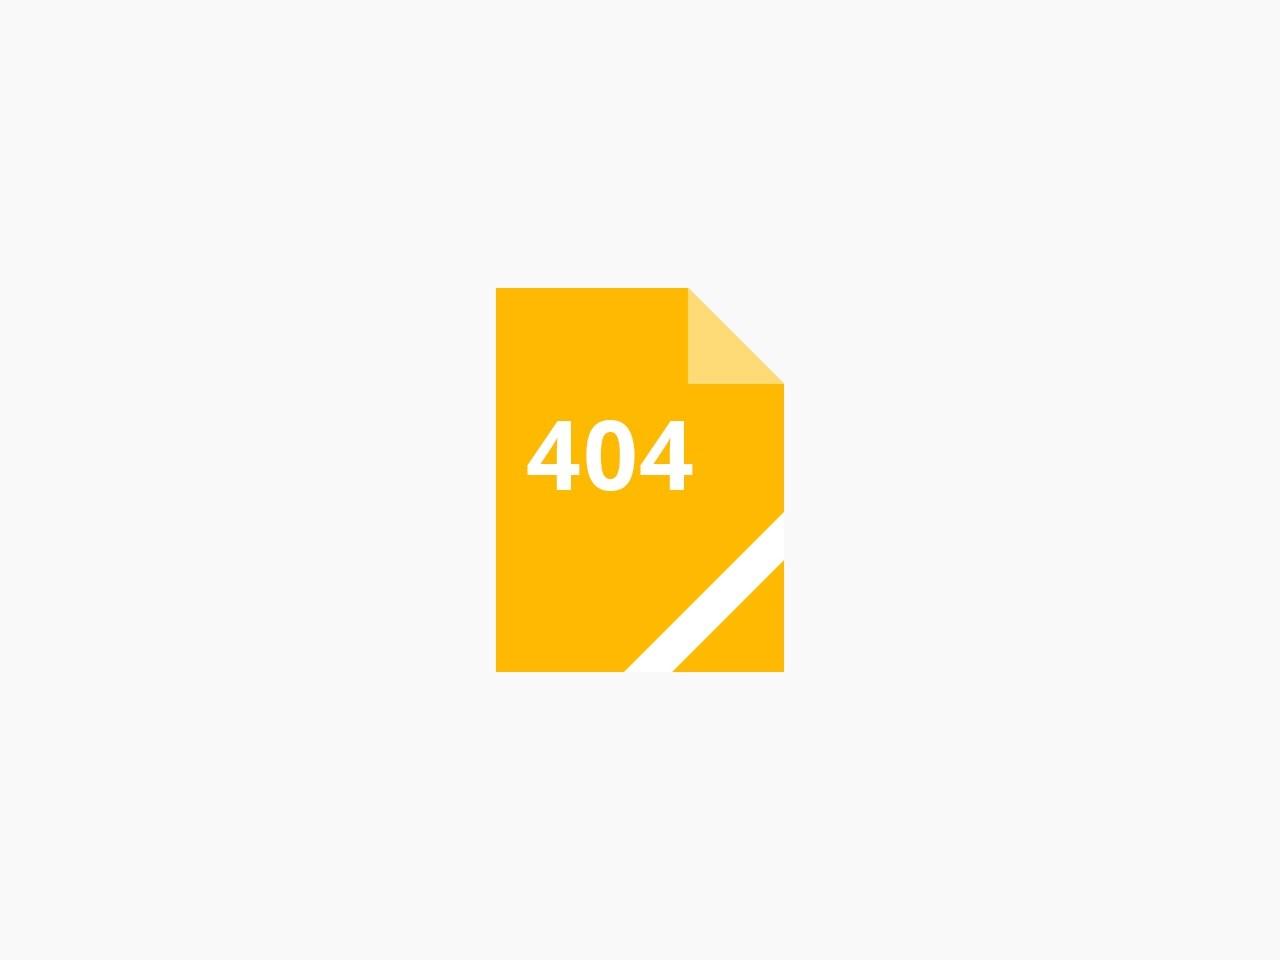 宝贝网_免费购物试用平台